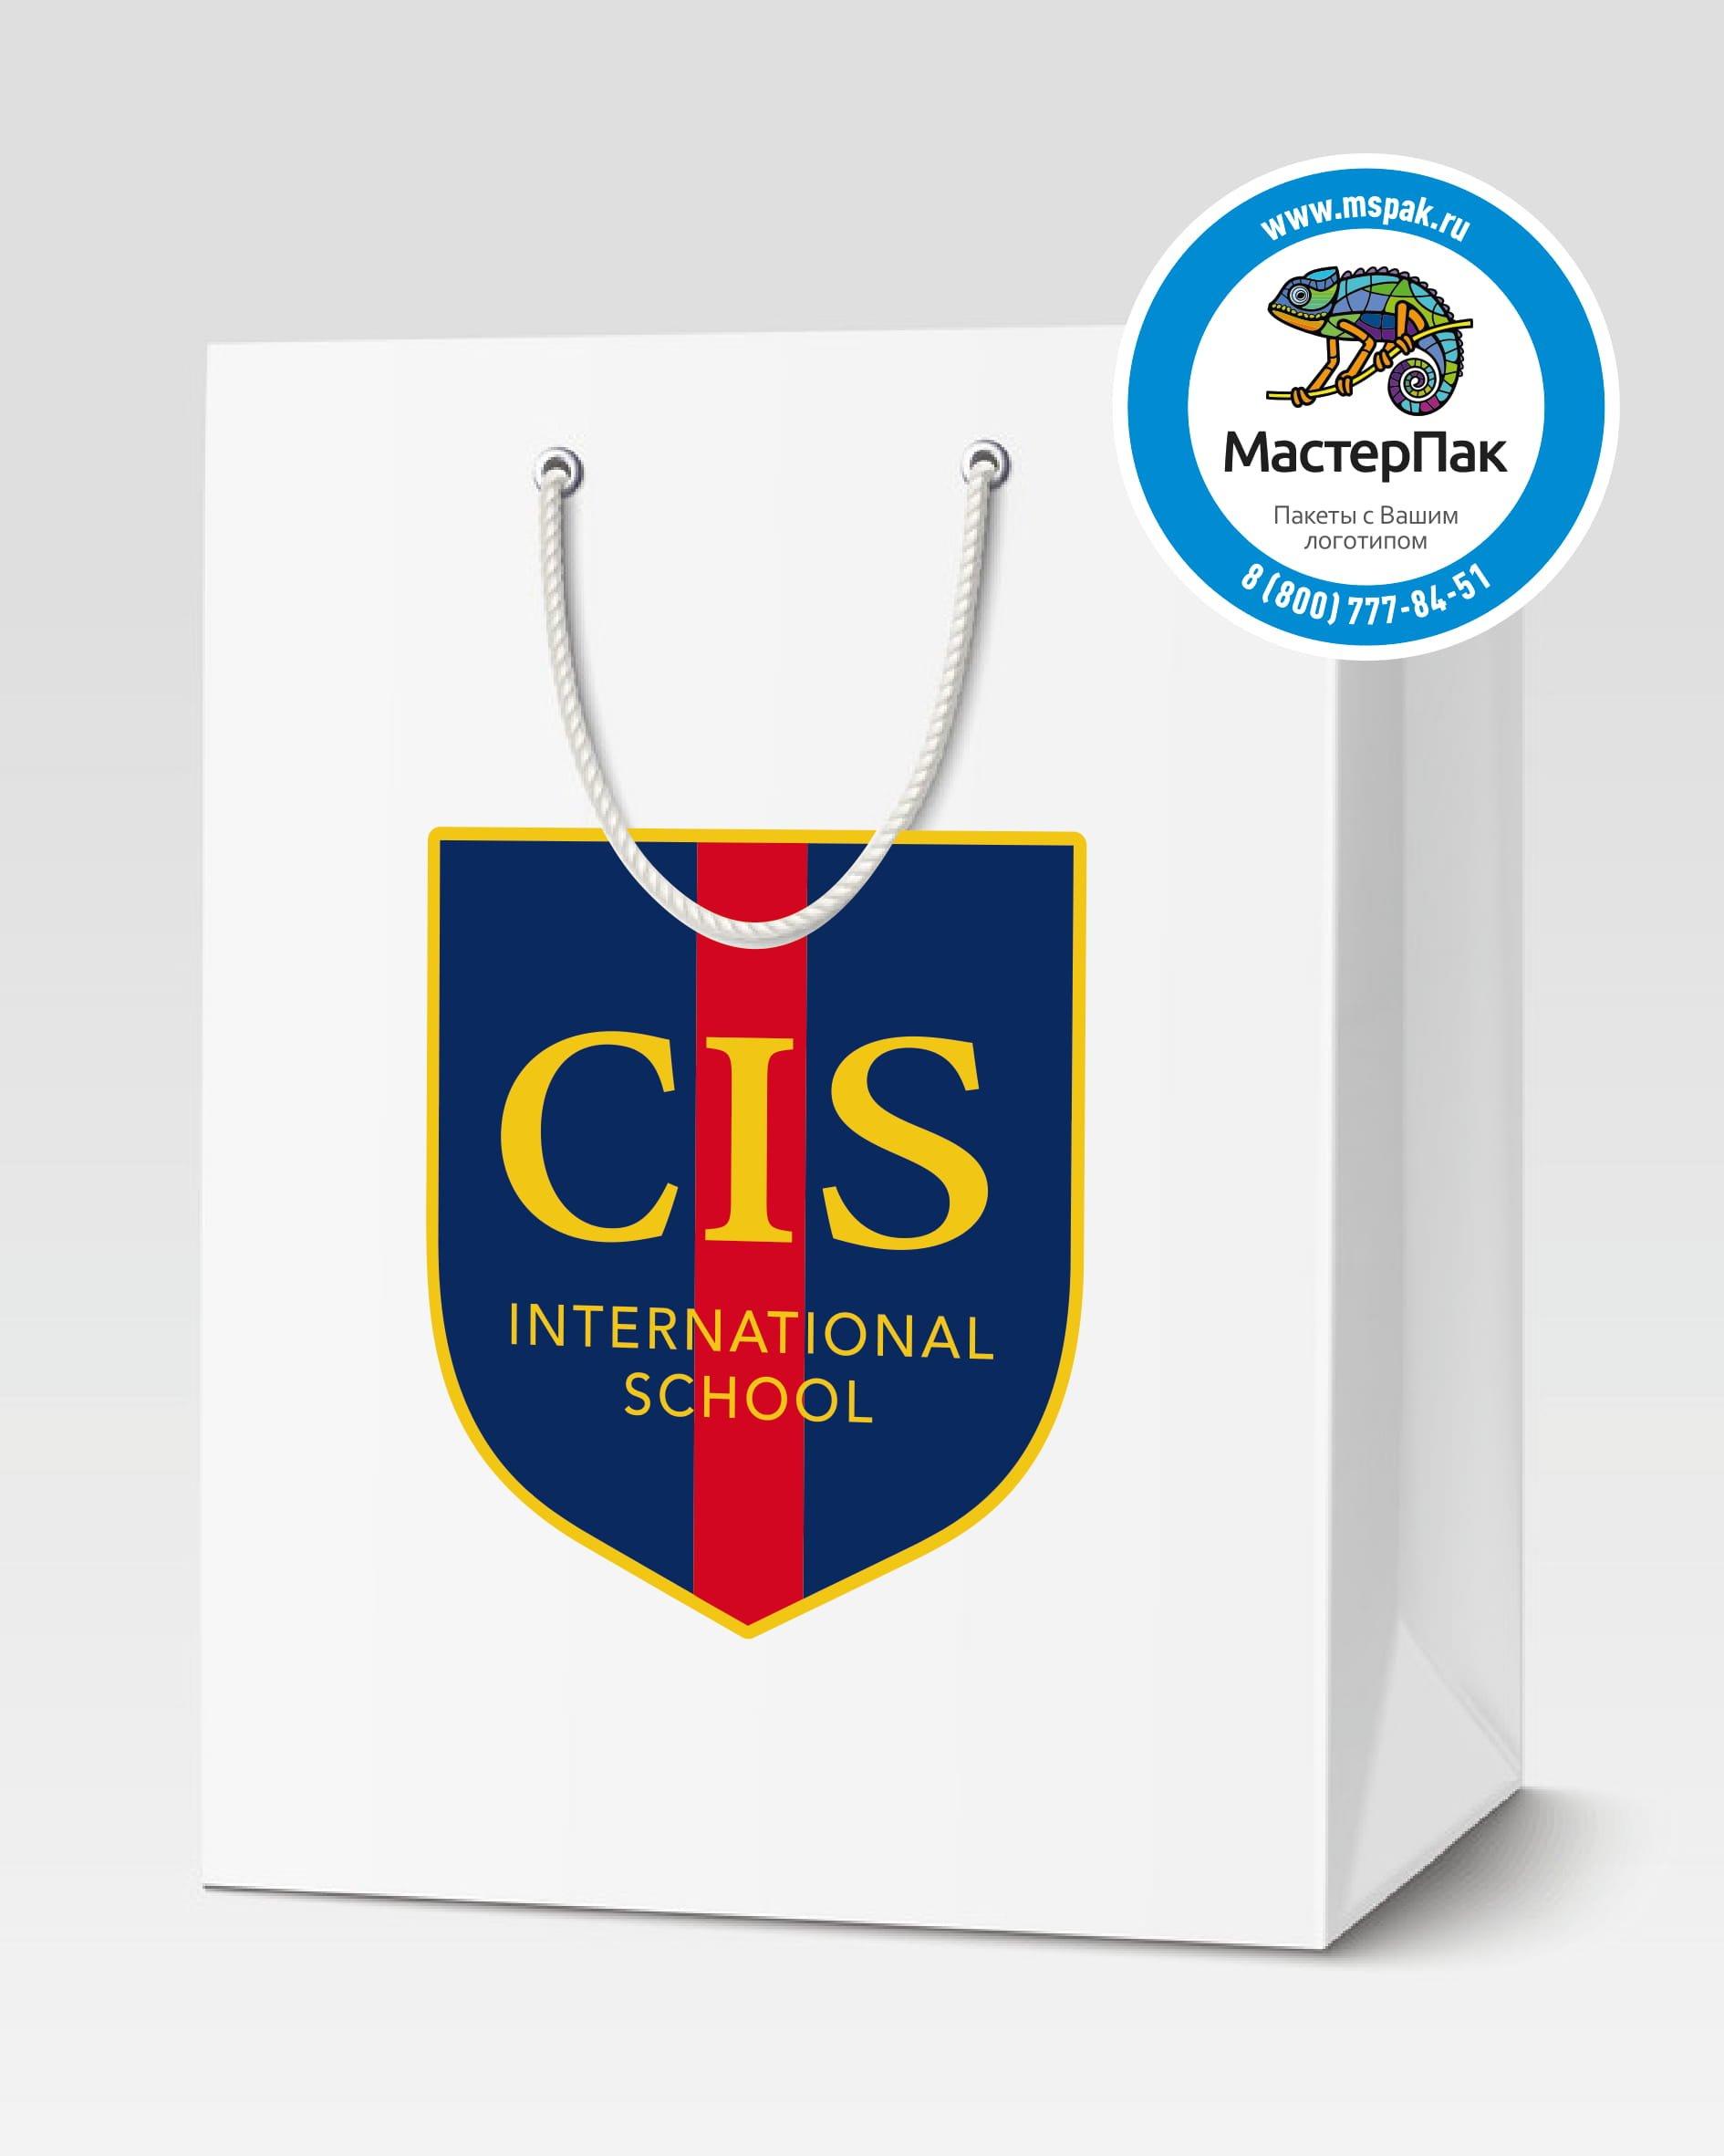 Пакет подарочный, бумажный с логотипом CIS, Москва